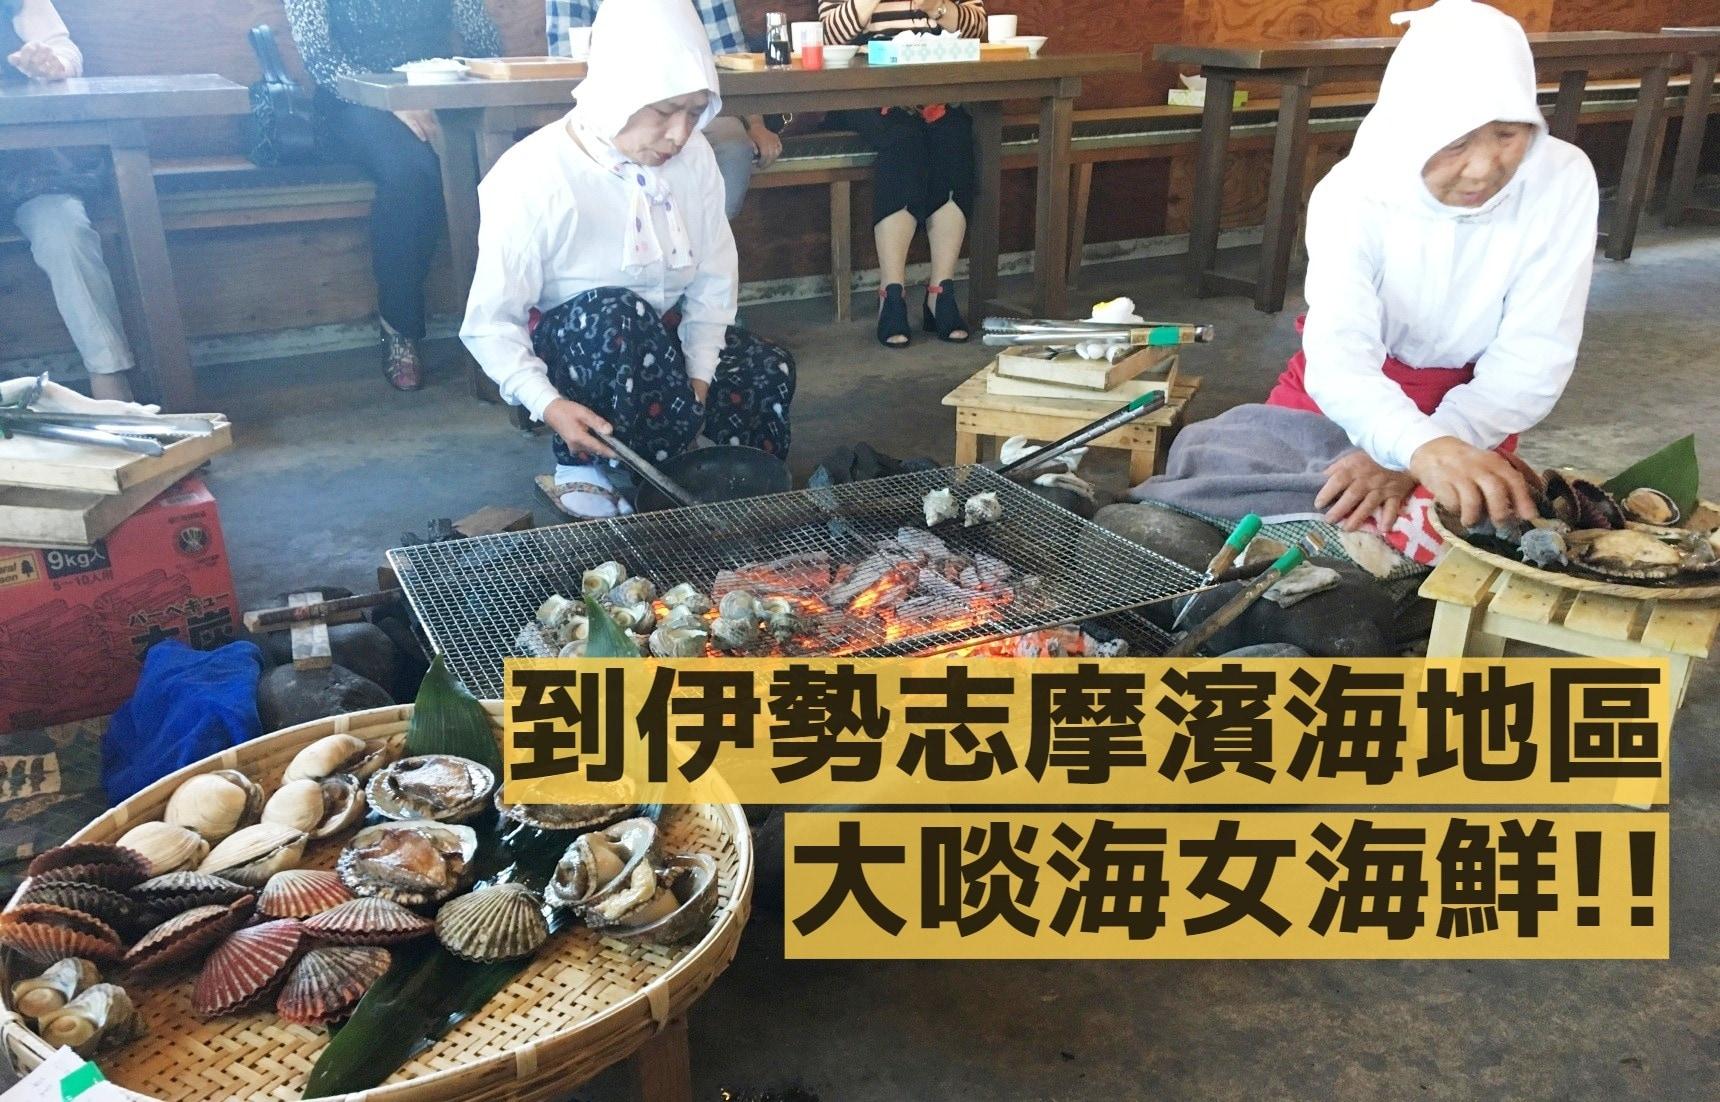 【關西自由行】好想吃海鮮!跟著海女阿嬤來趟伊勢志摩地區濱海解饞之旅!